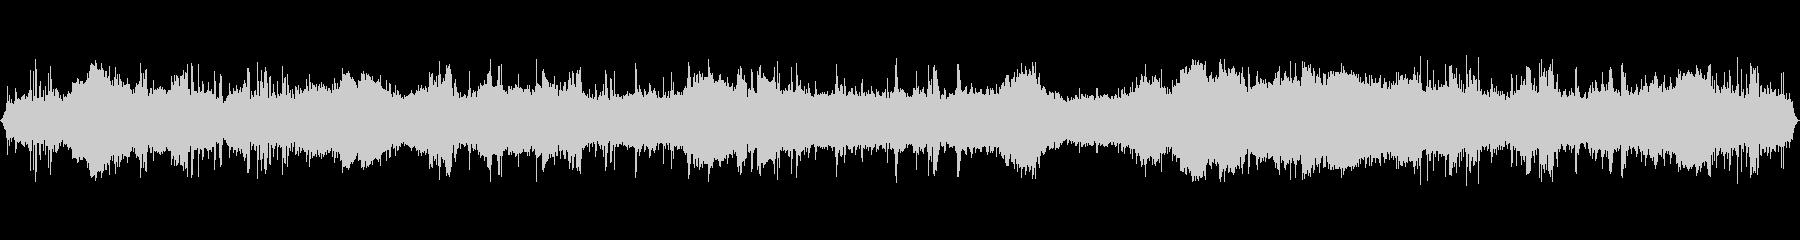 クレーンティアリングダウンビル、声...の未再生の波形